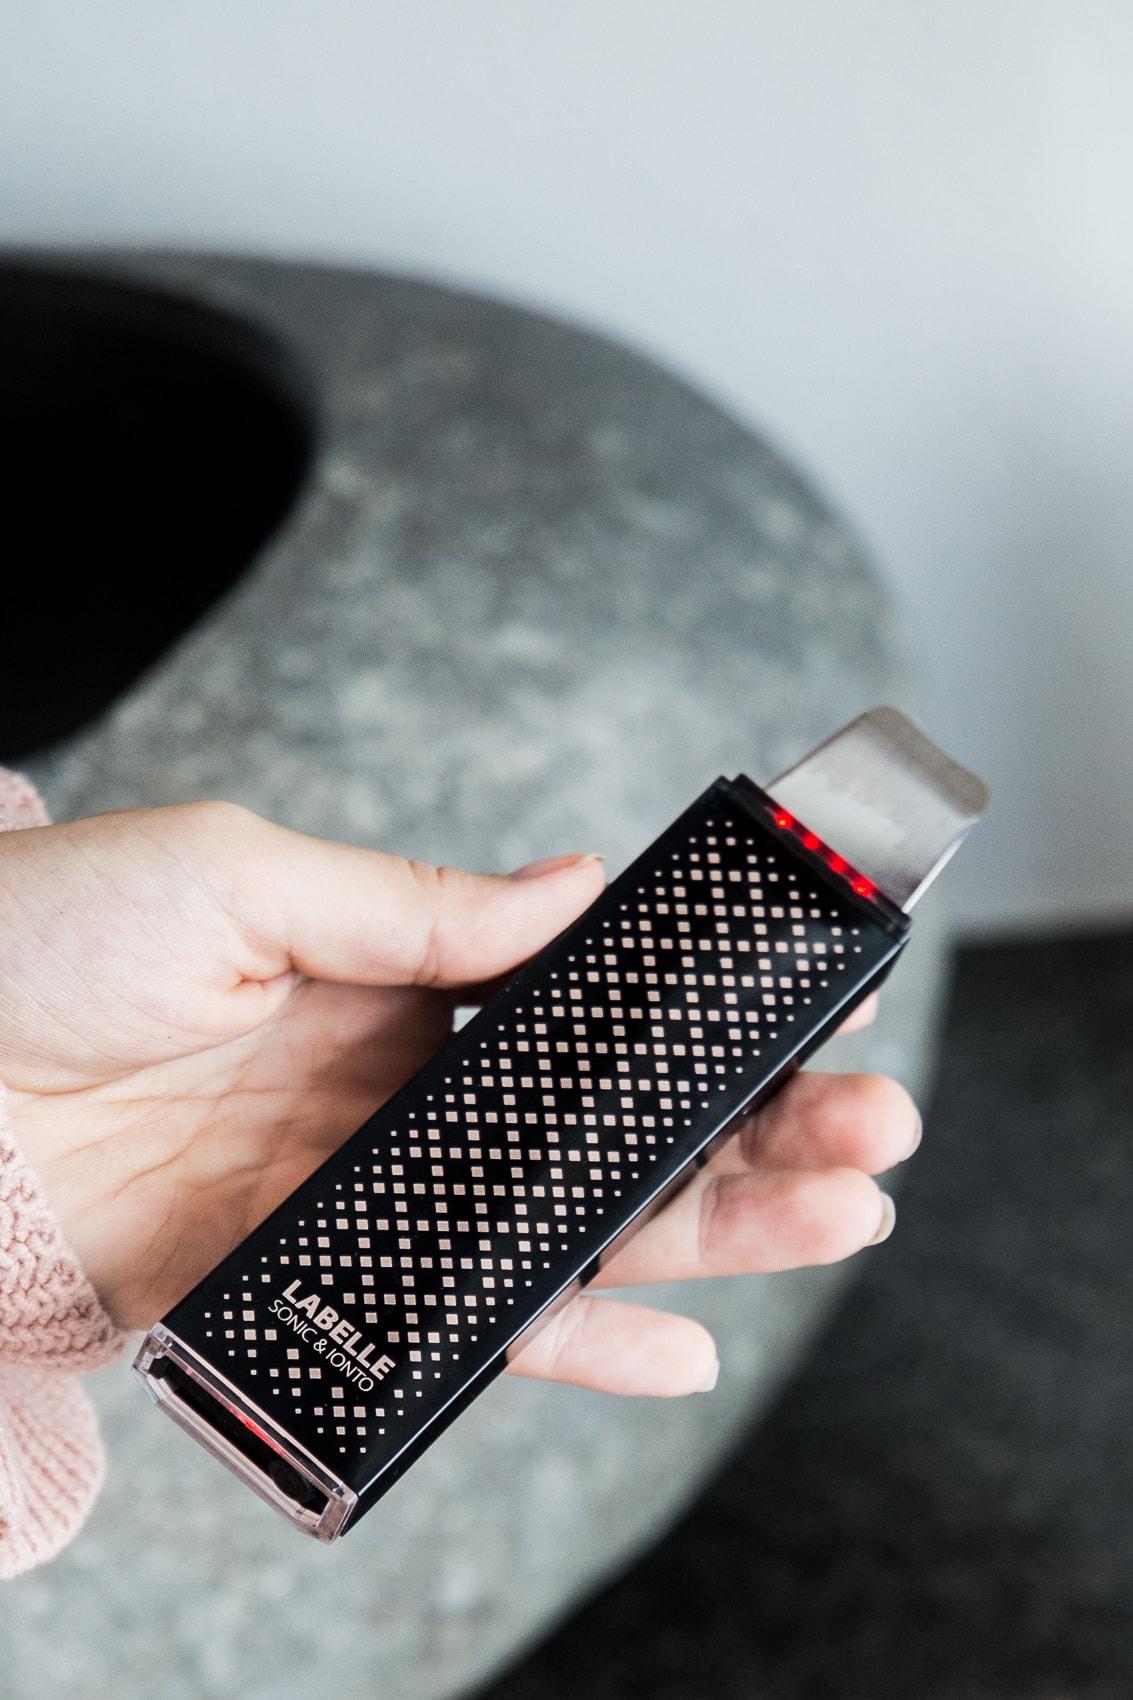 Productos de belleza Clubante - Dispositivo de peeling de ultrasonido La Belle bajo prueba